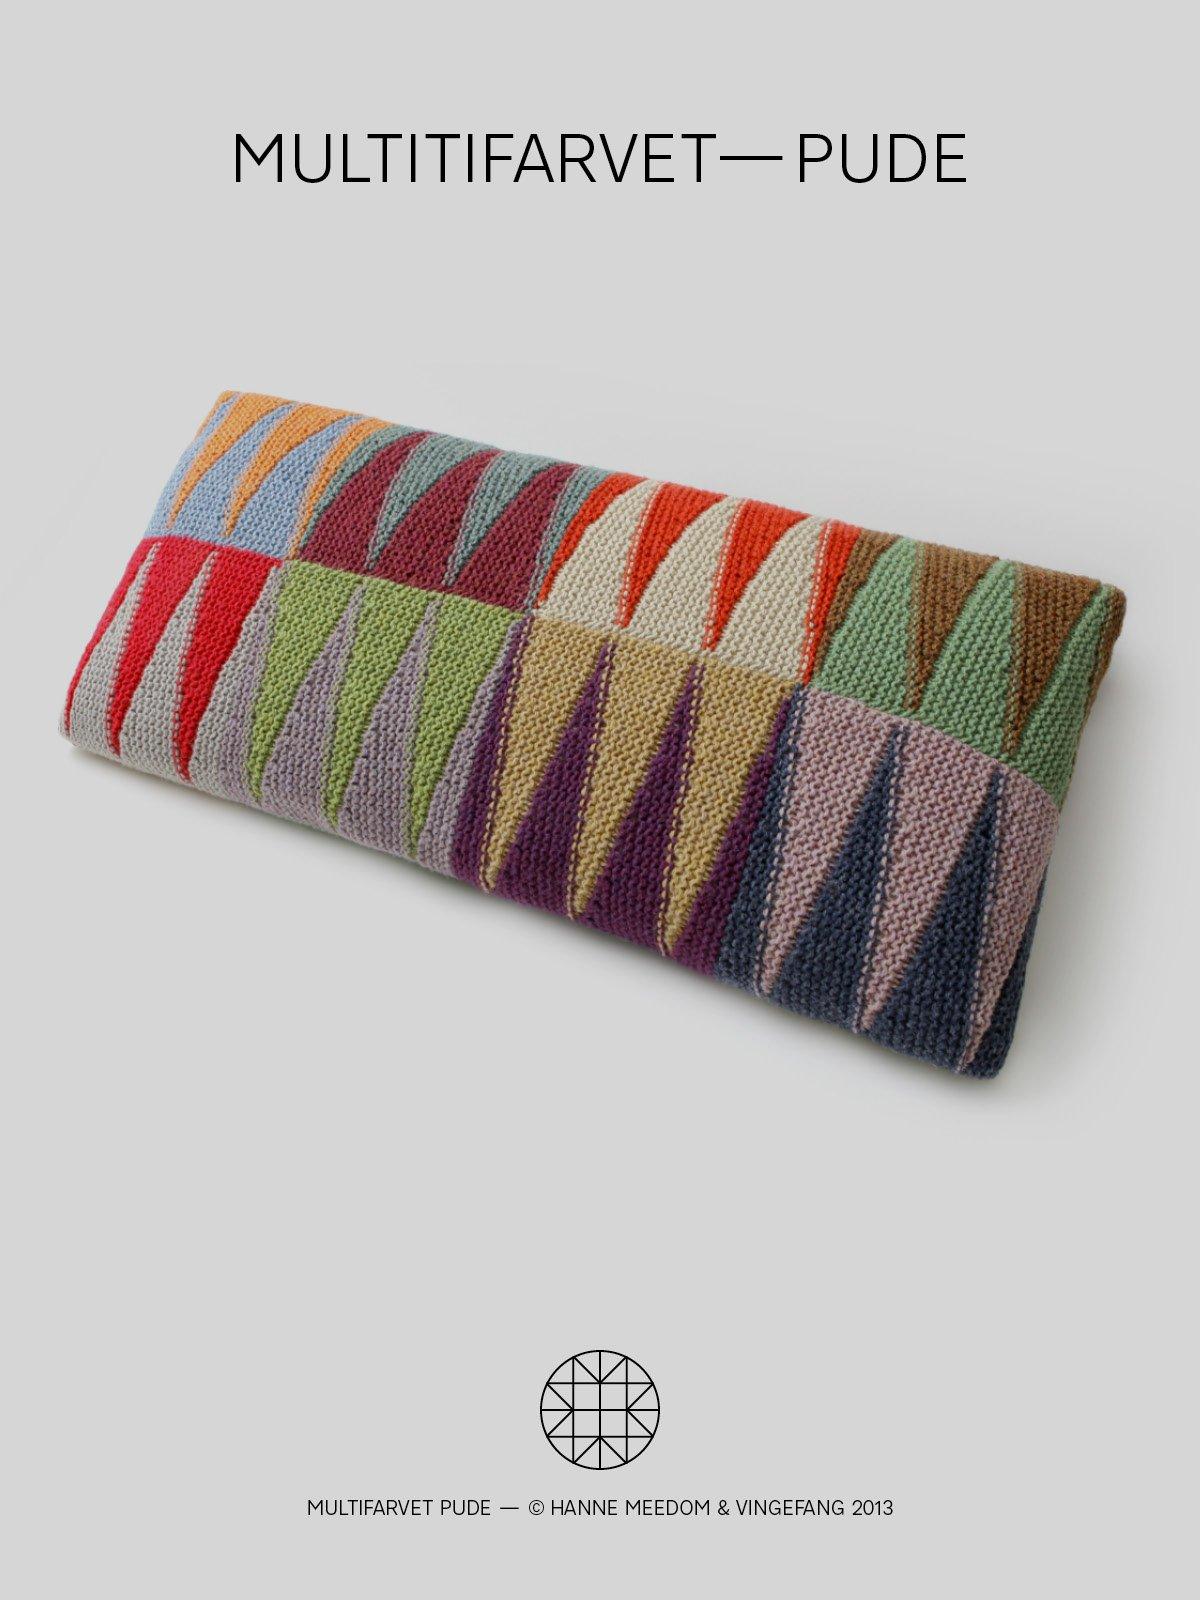 Image of Opskrift / multifarvet—pude